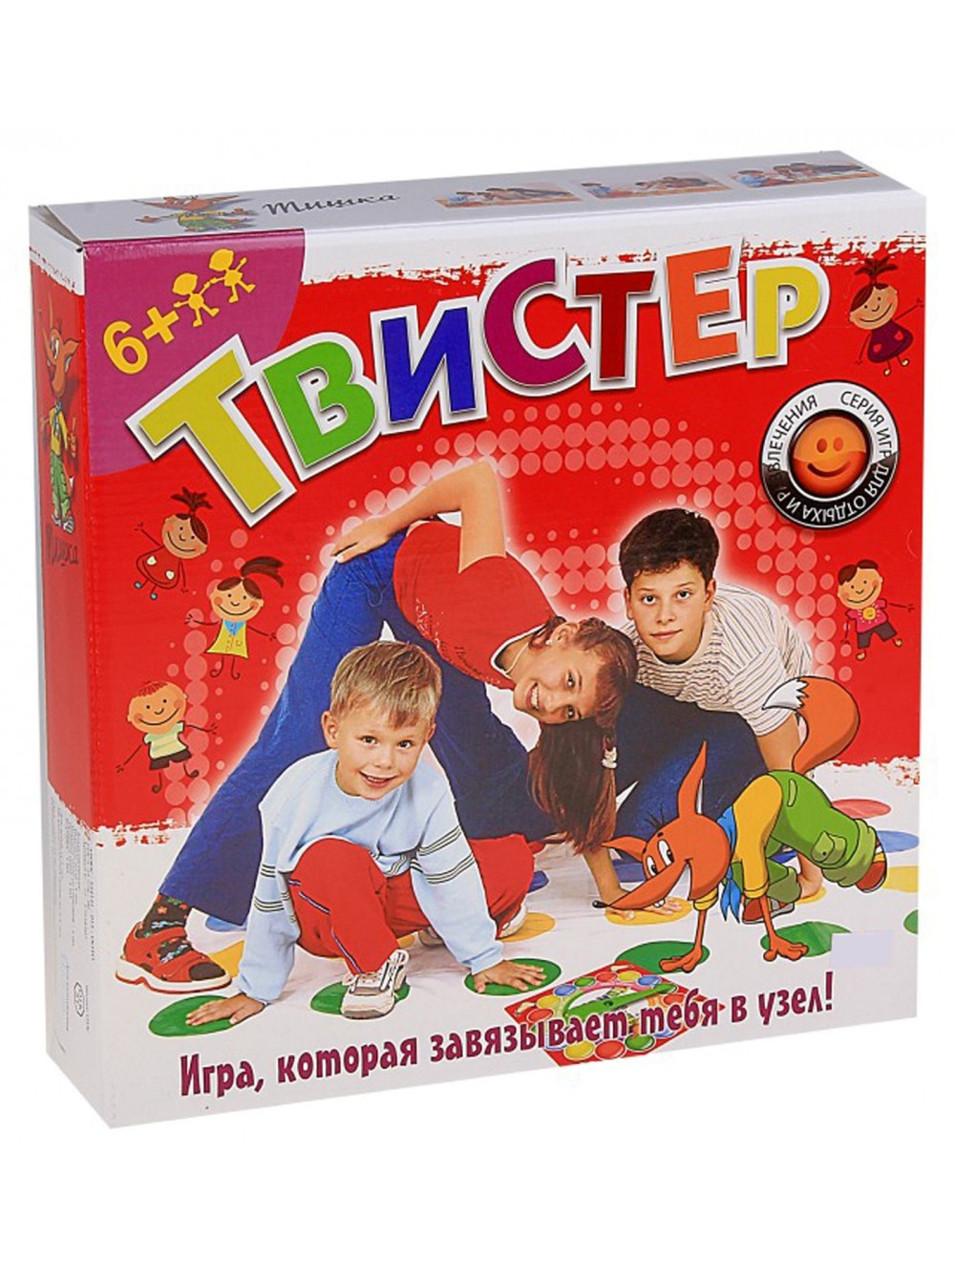 Настольная игра: Твистер